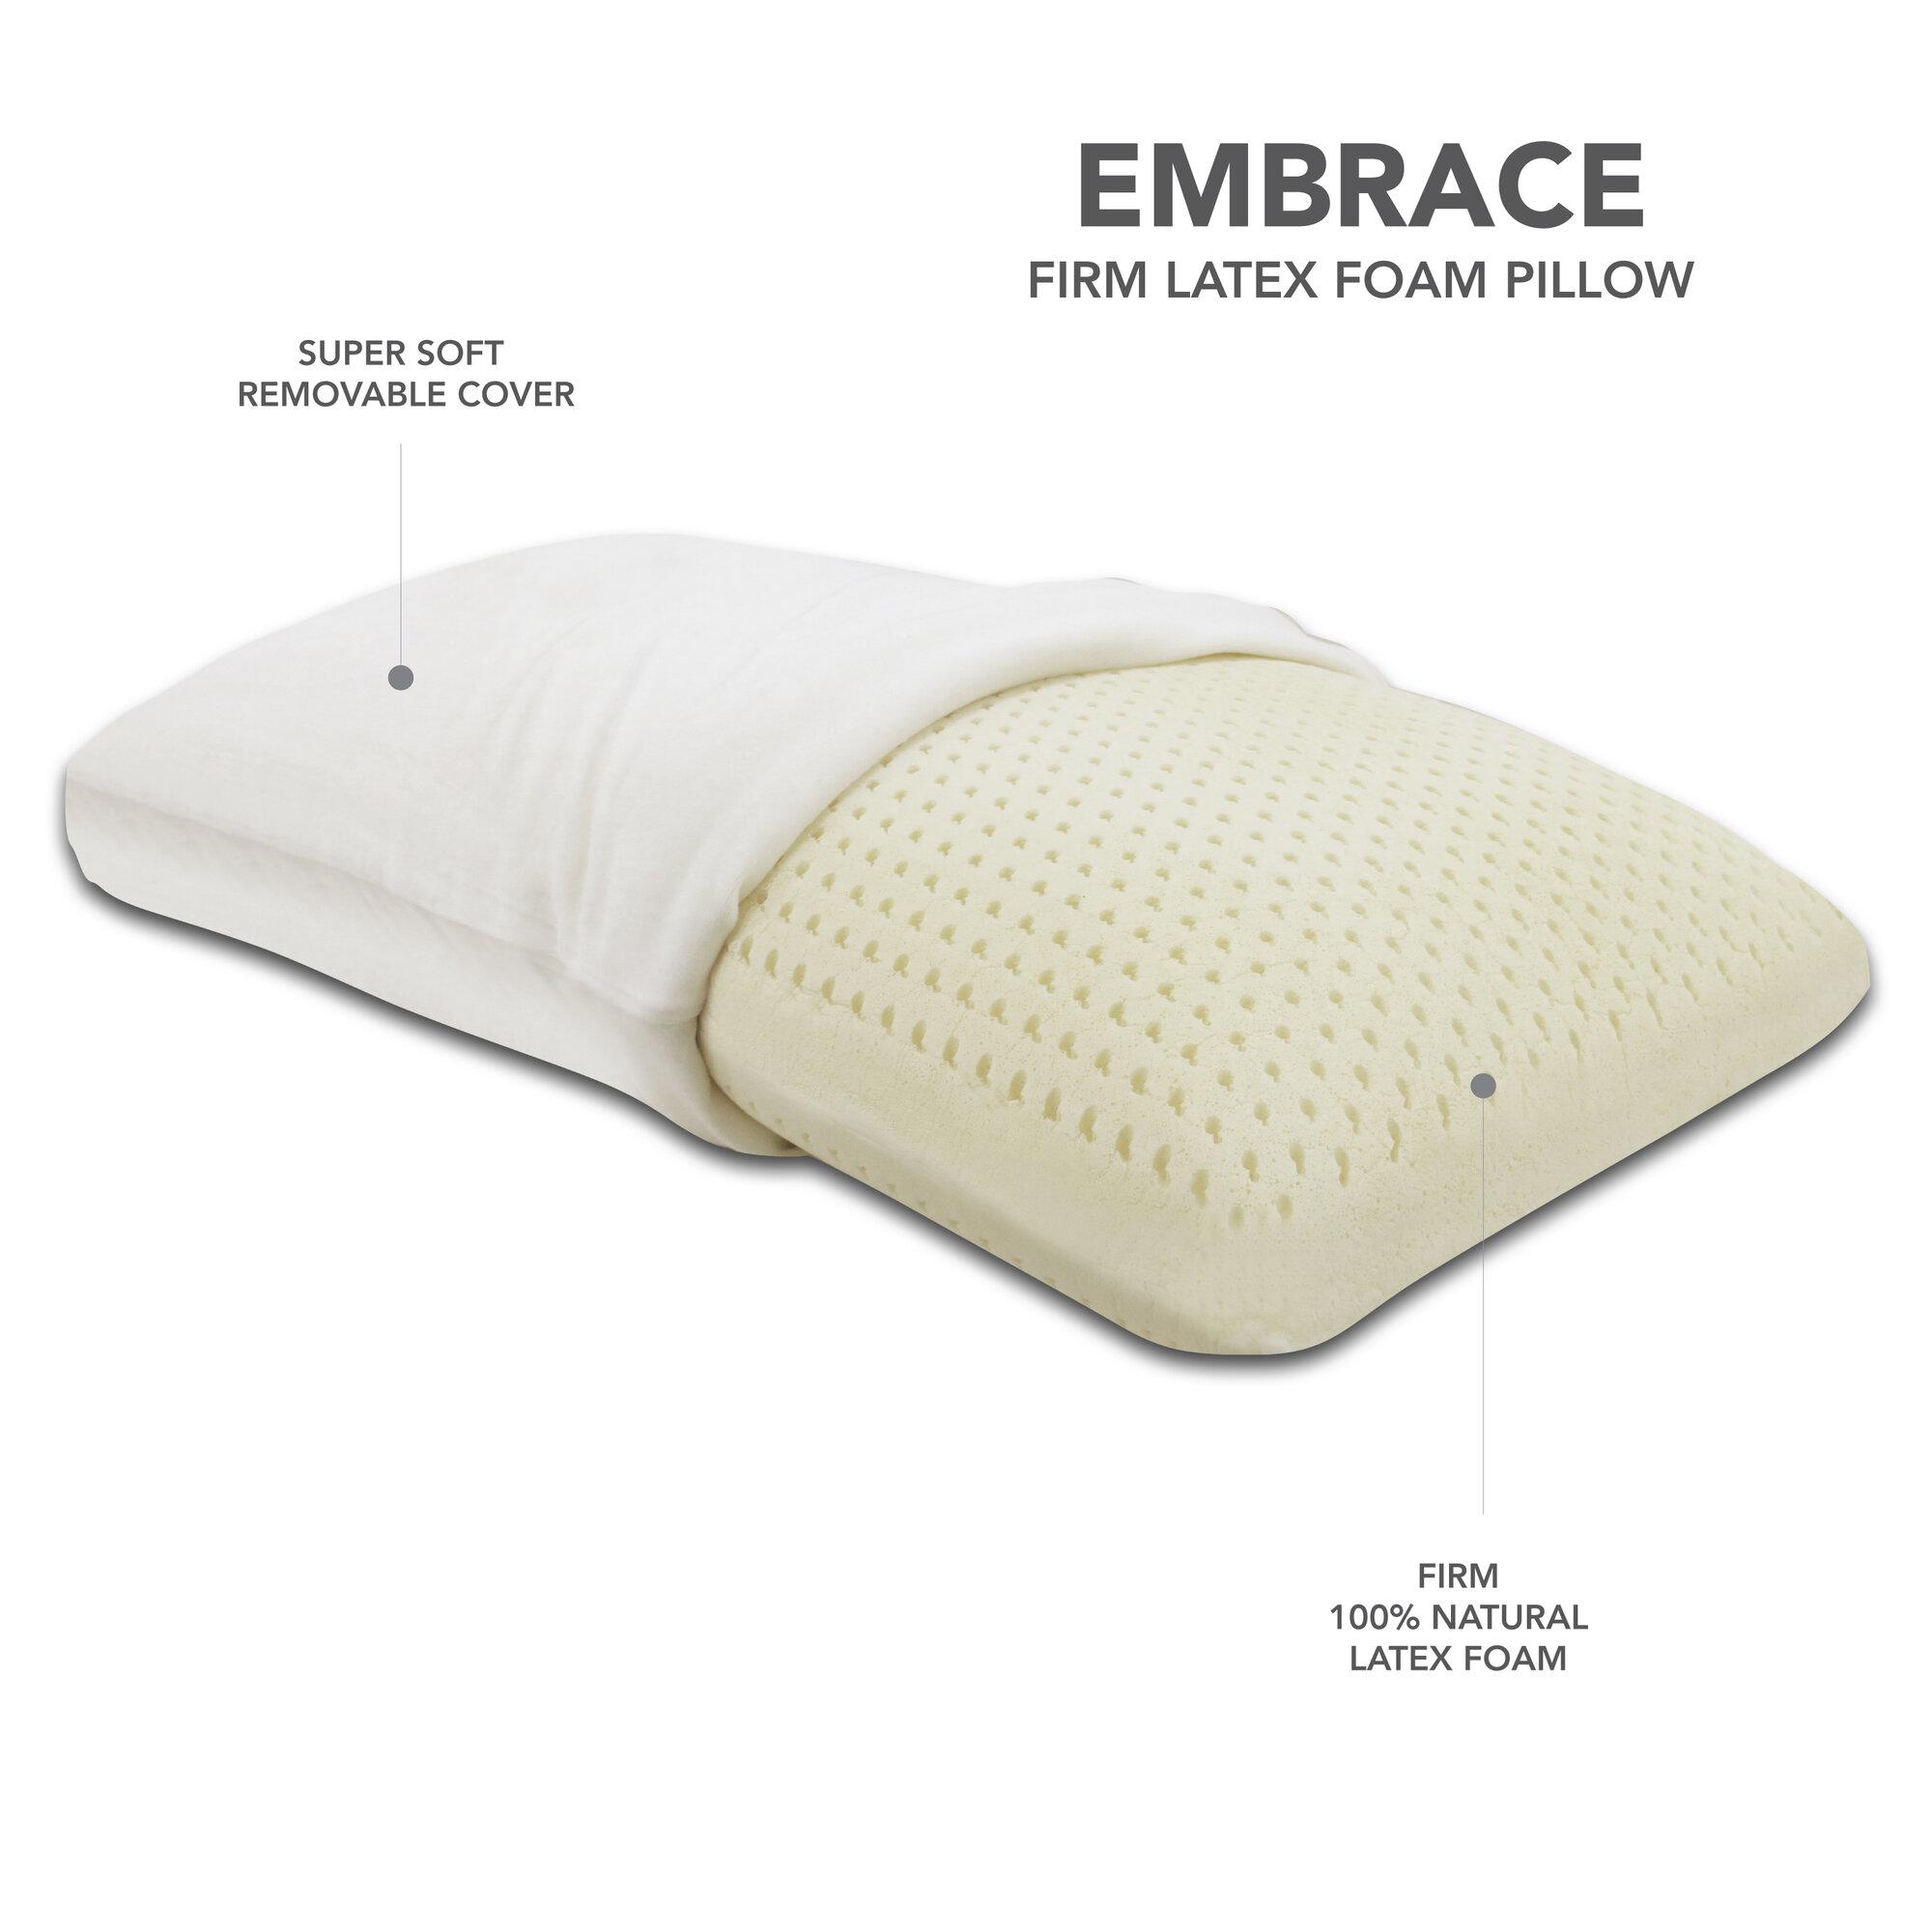 Latex foam pillow firm